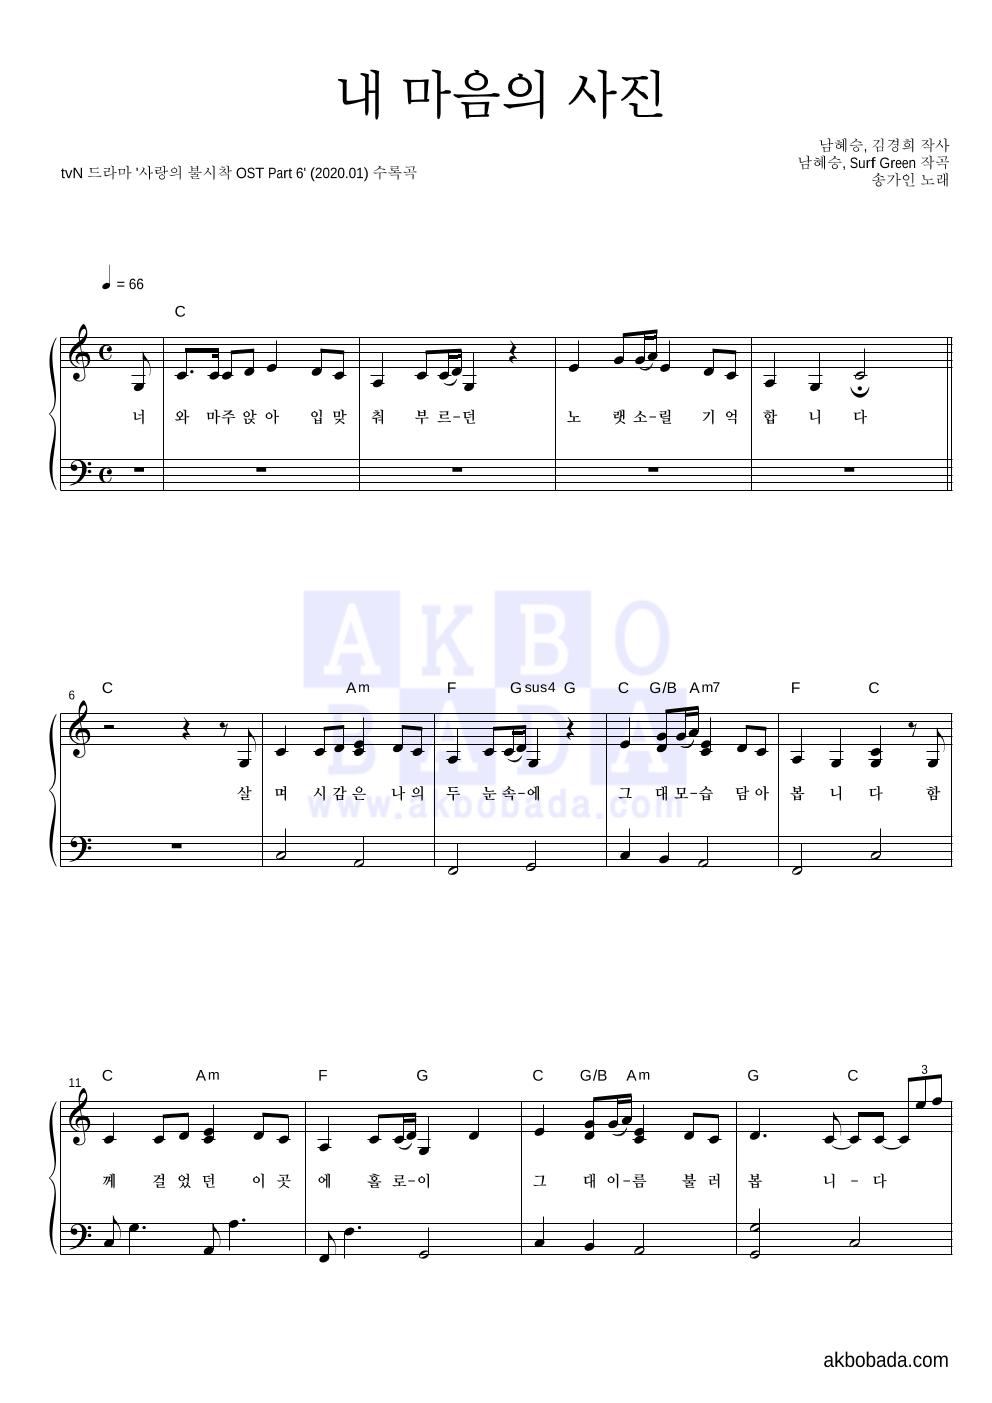 송가인 - 내 마음의 사진 피아노 2단 악보